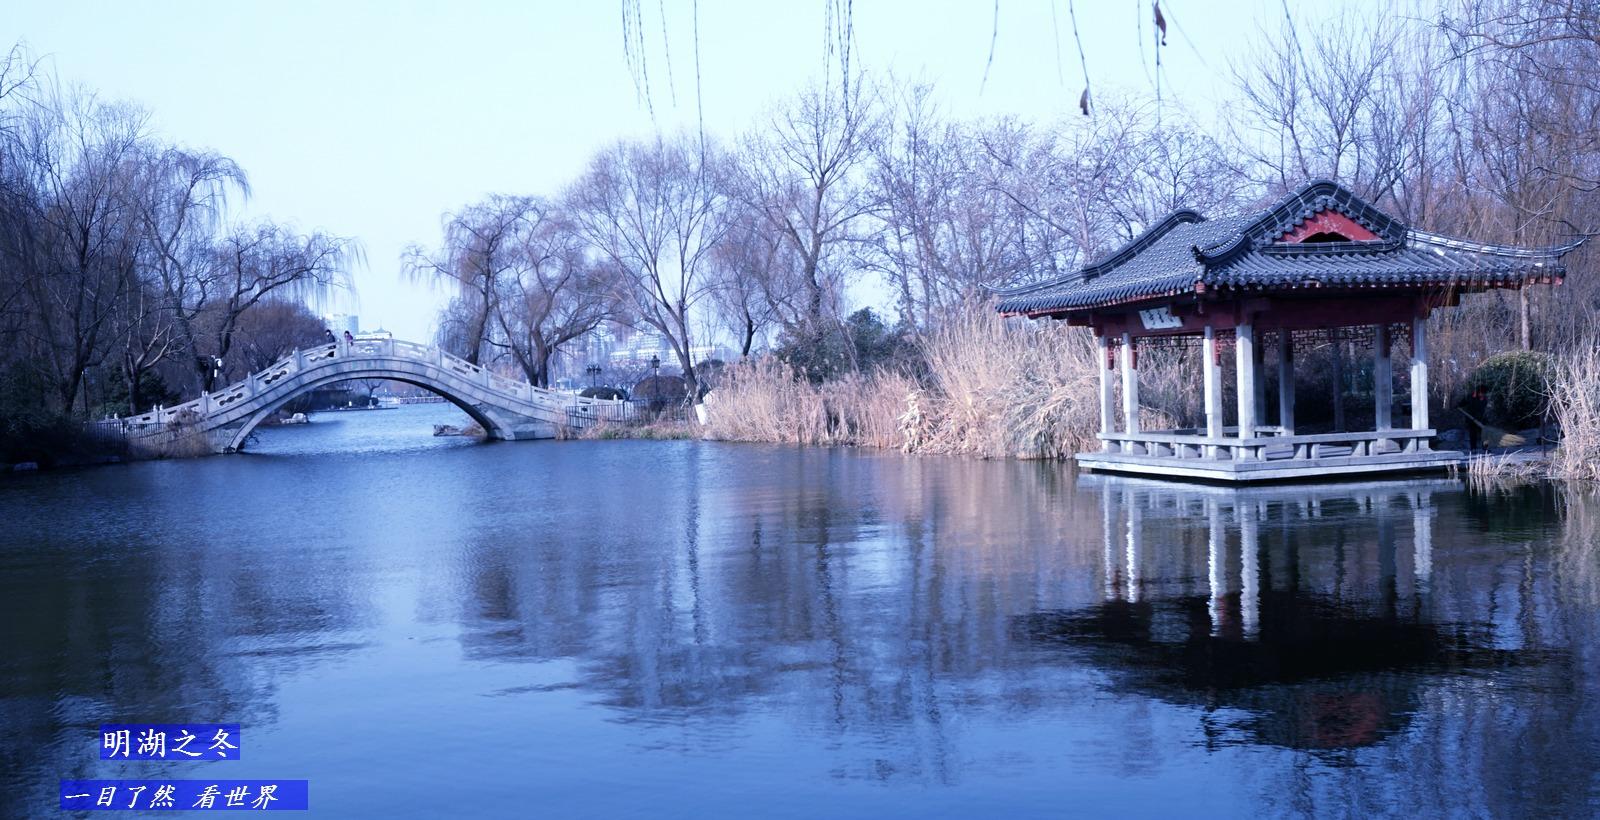 明湖之冬-7-1600.jpg